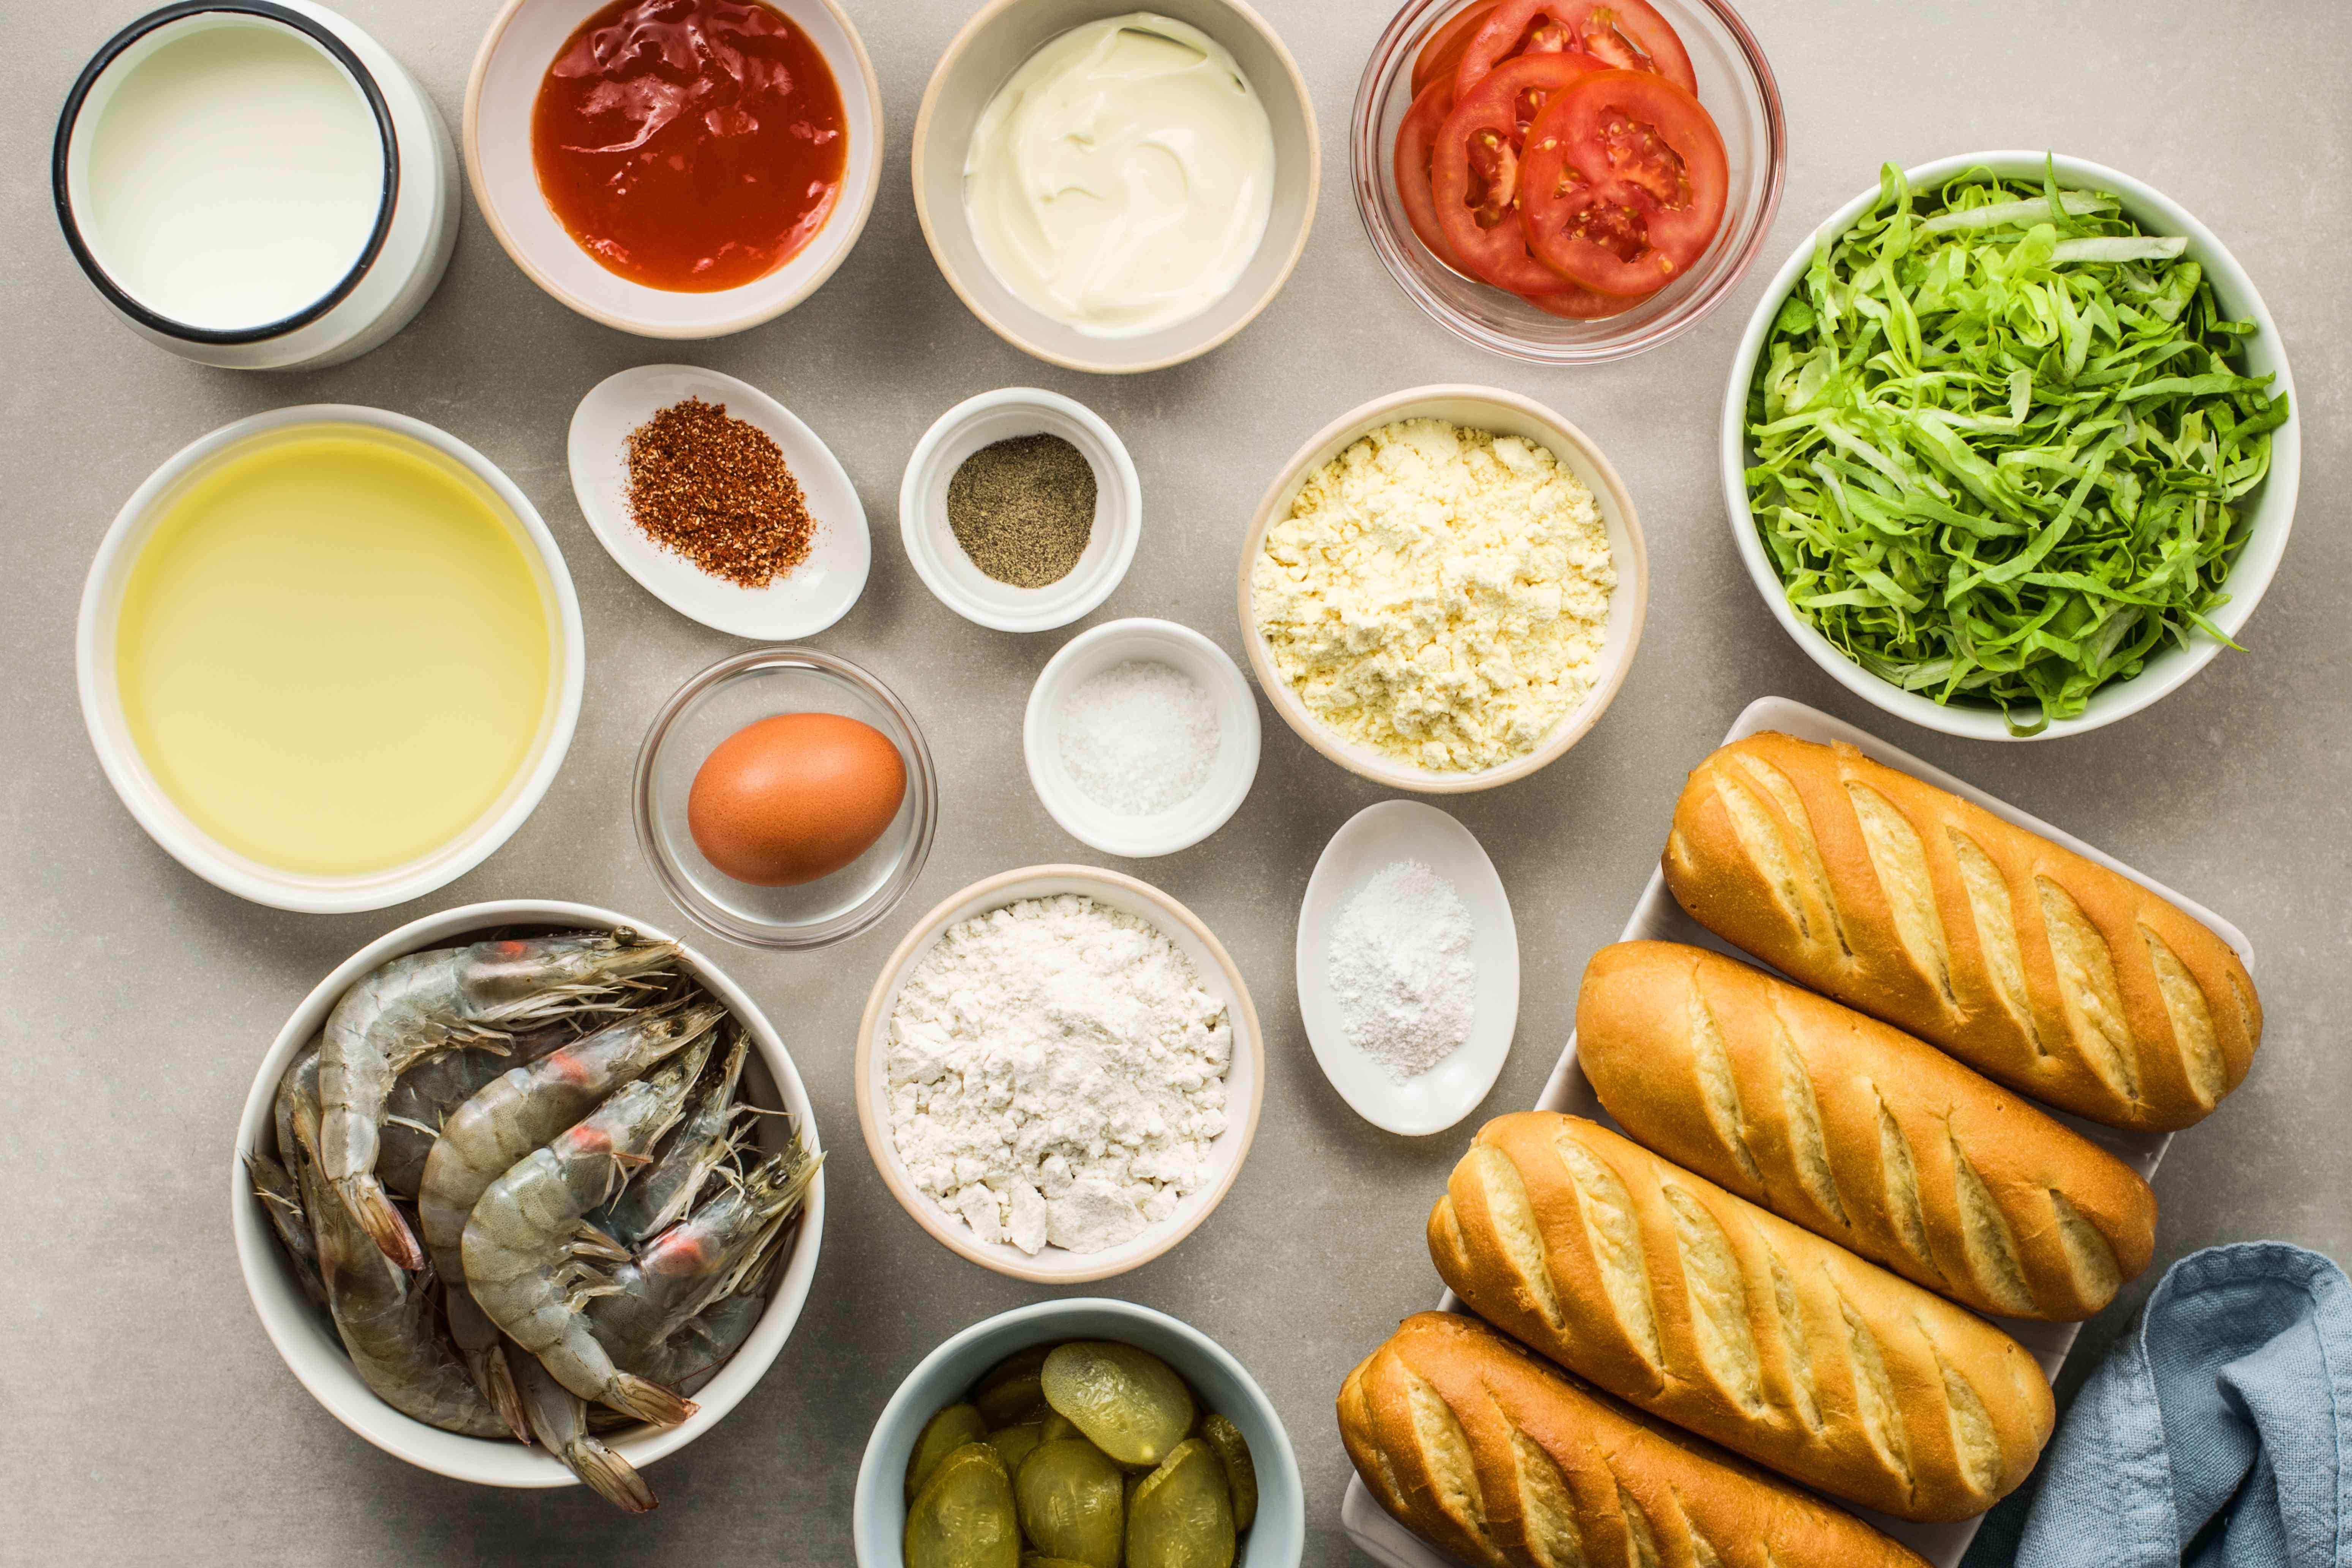 Ingredients for fried shrimp po boy